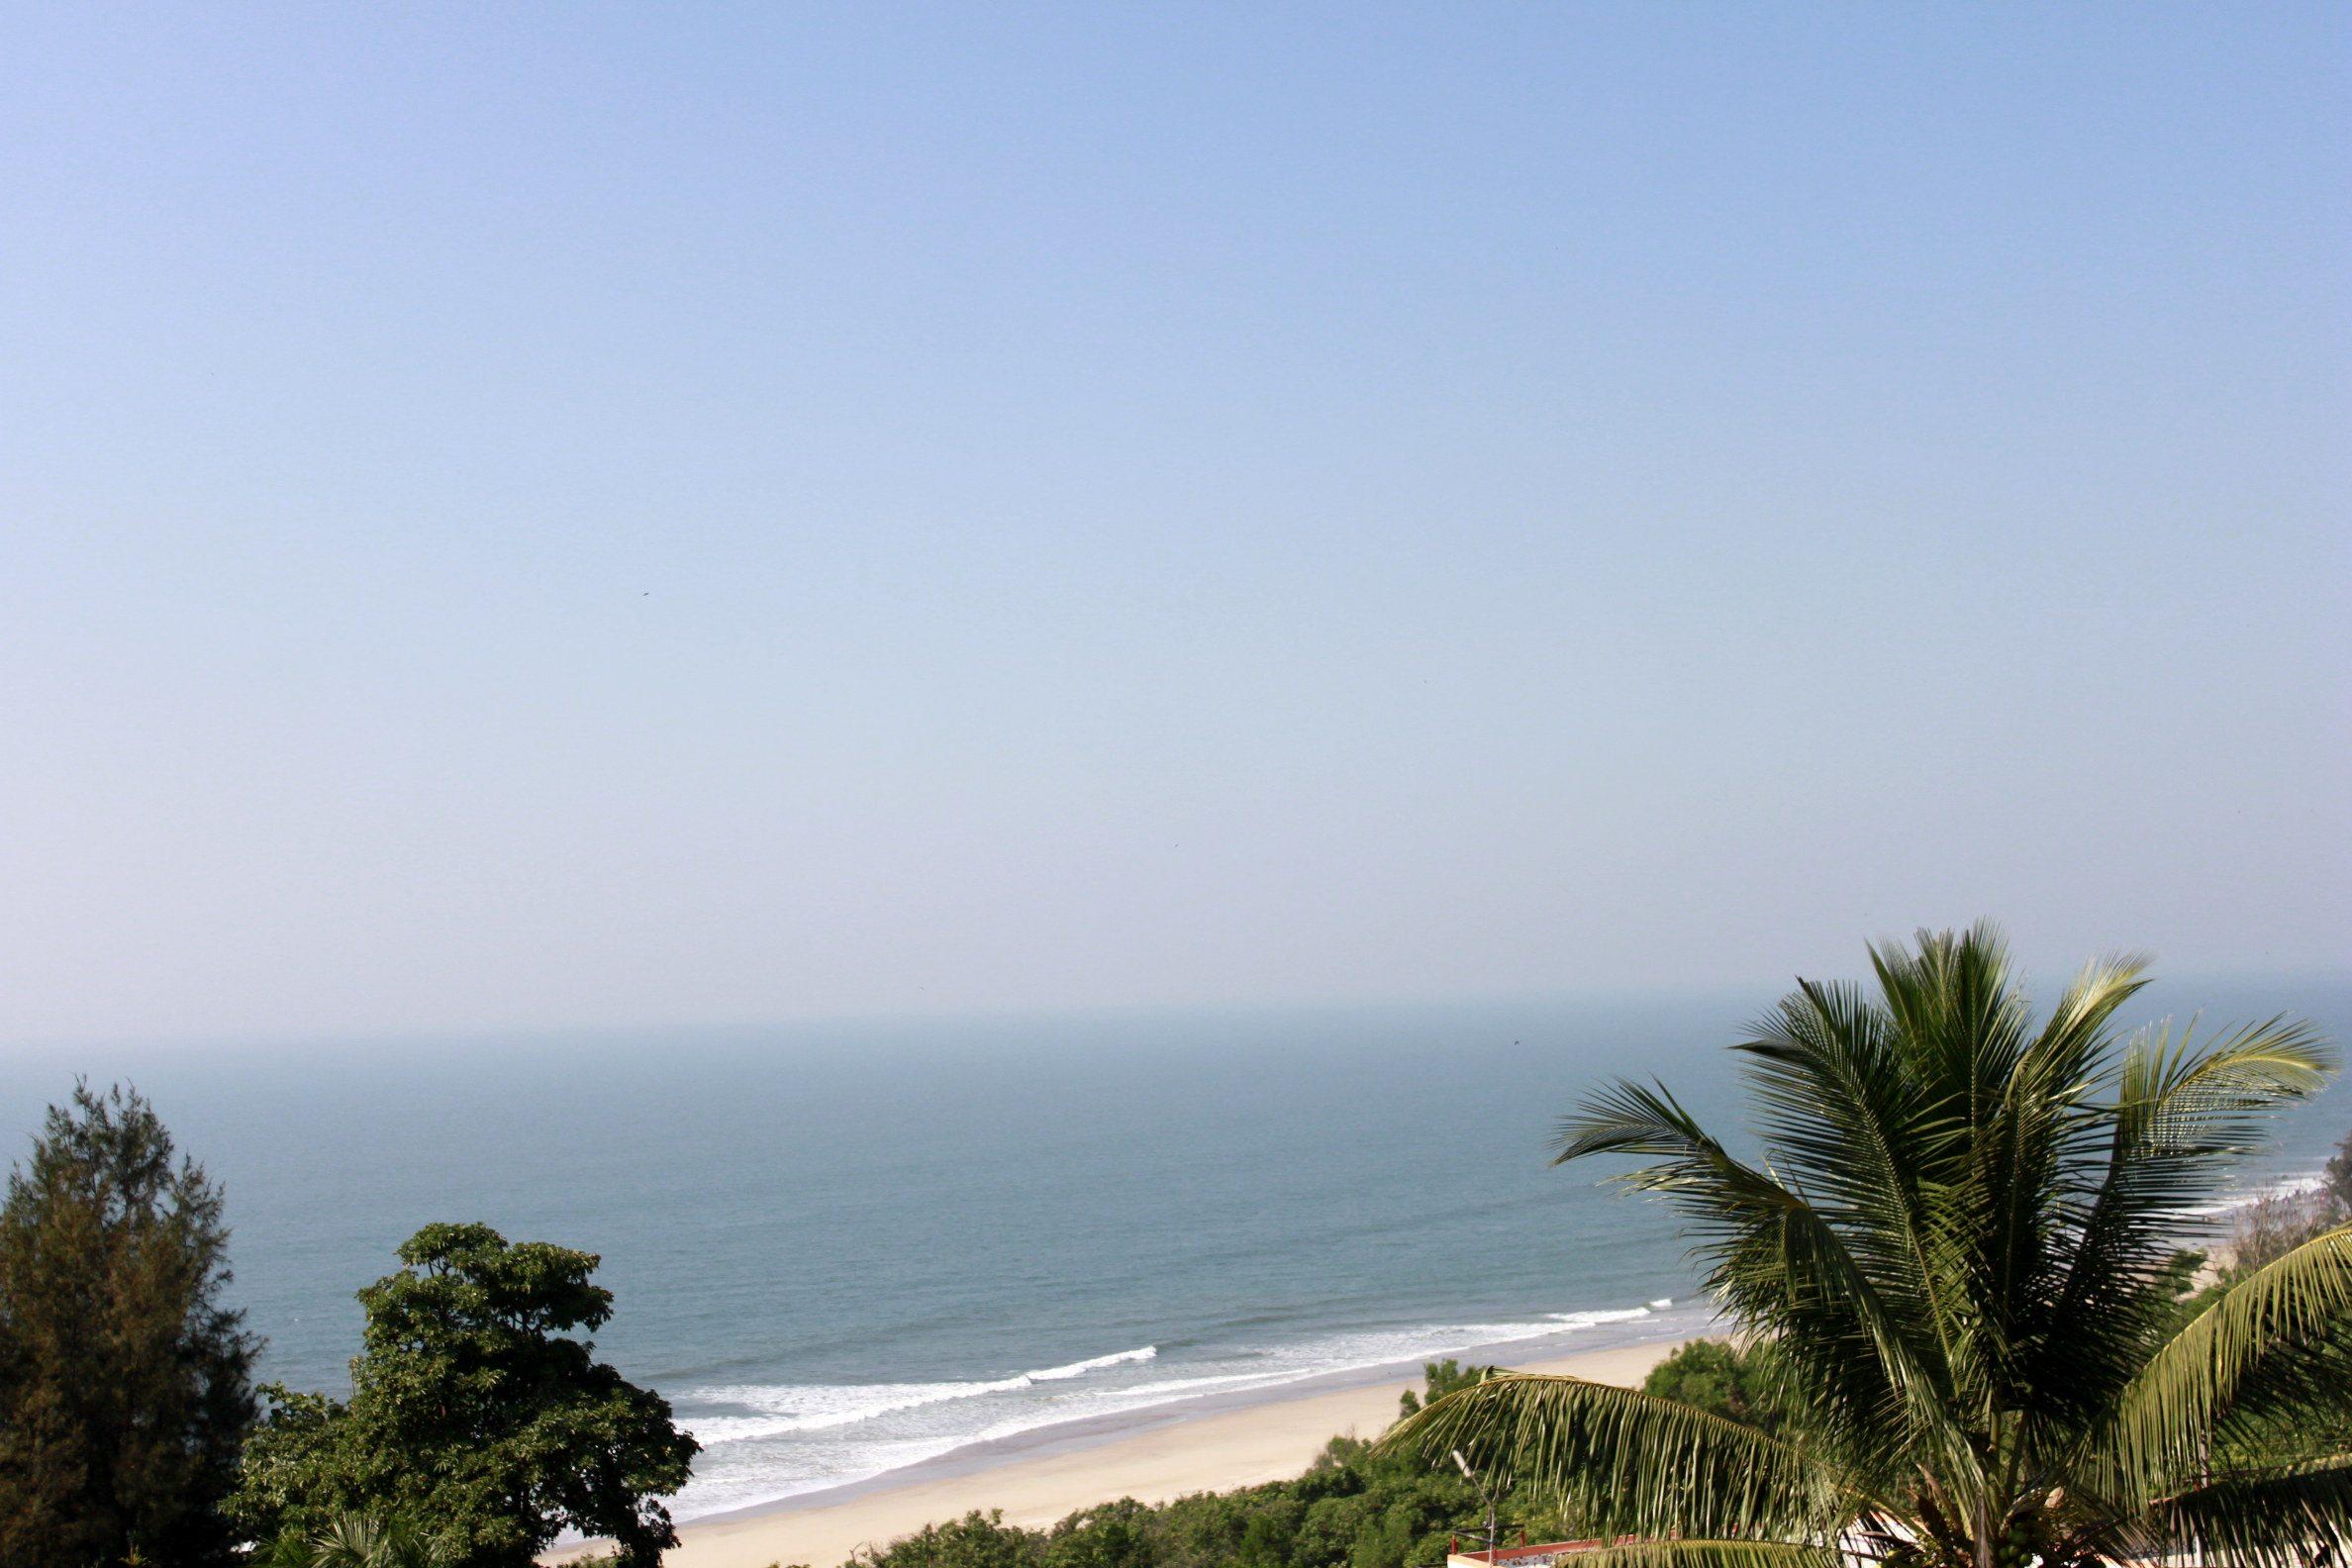 View from Abhishek Beach Resort